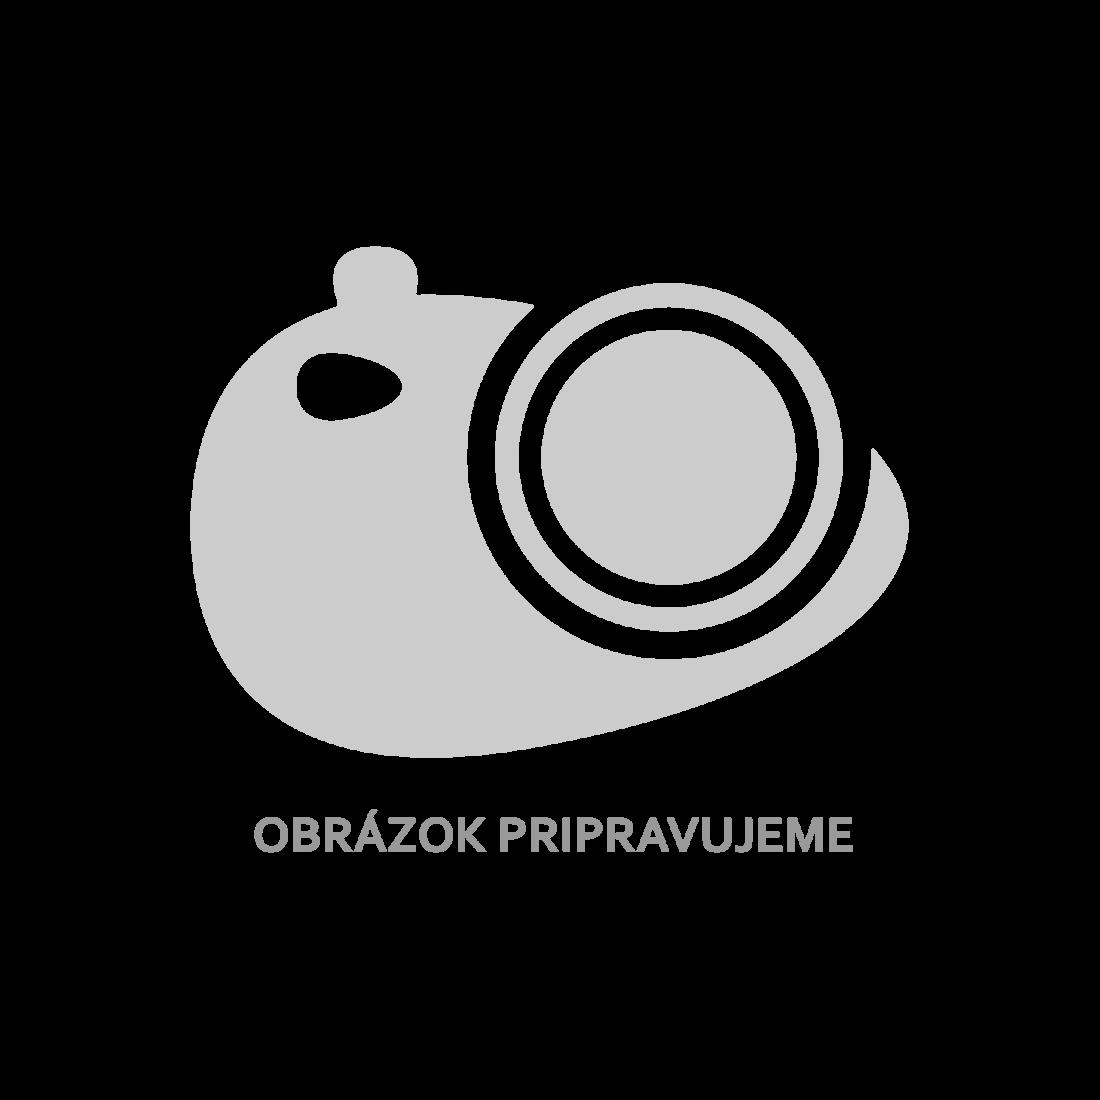 vidaXL 4 výškově nastavitelné stolové nohy broušený nikl 870 mm [242146]